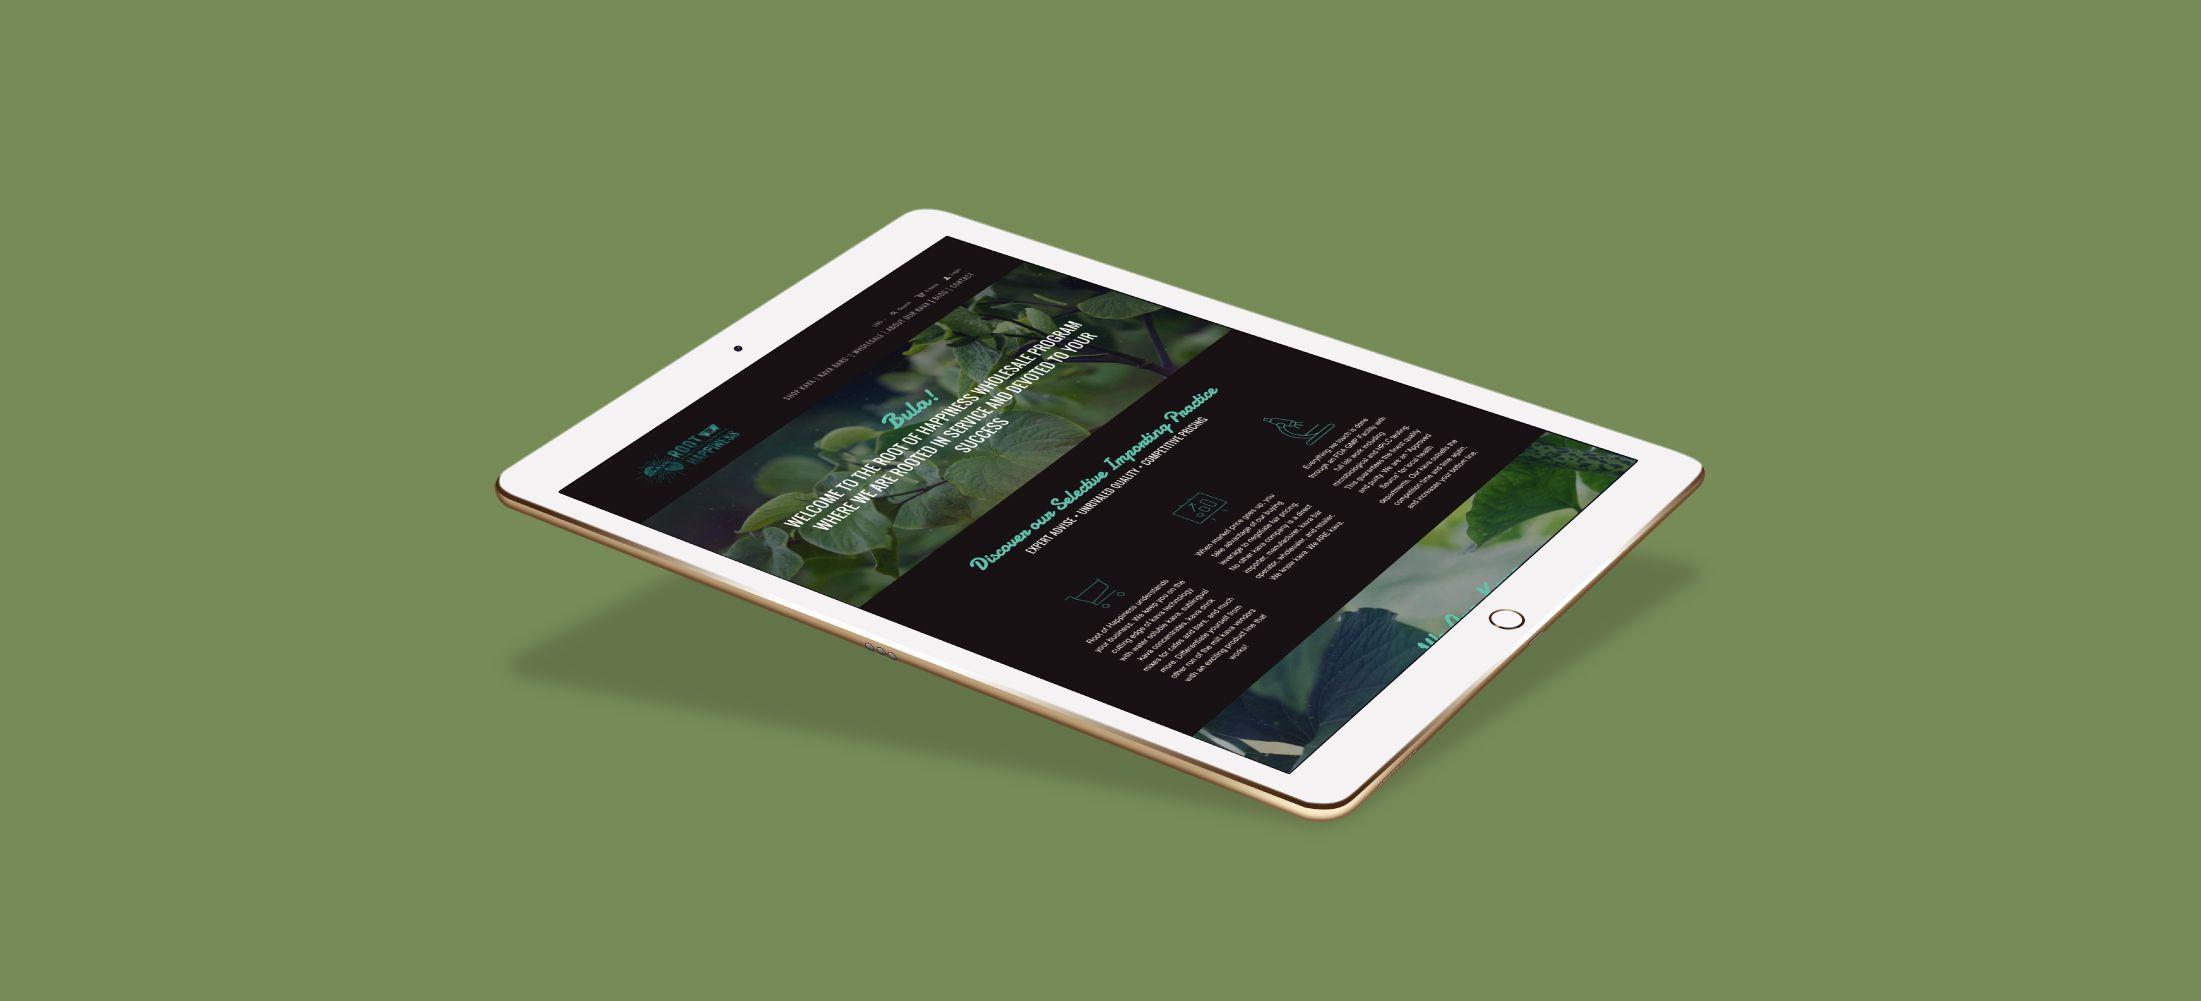 website responsive kava ipad design